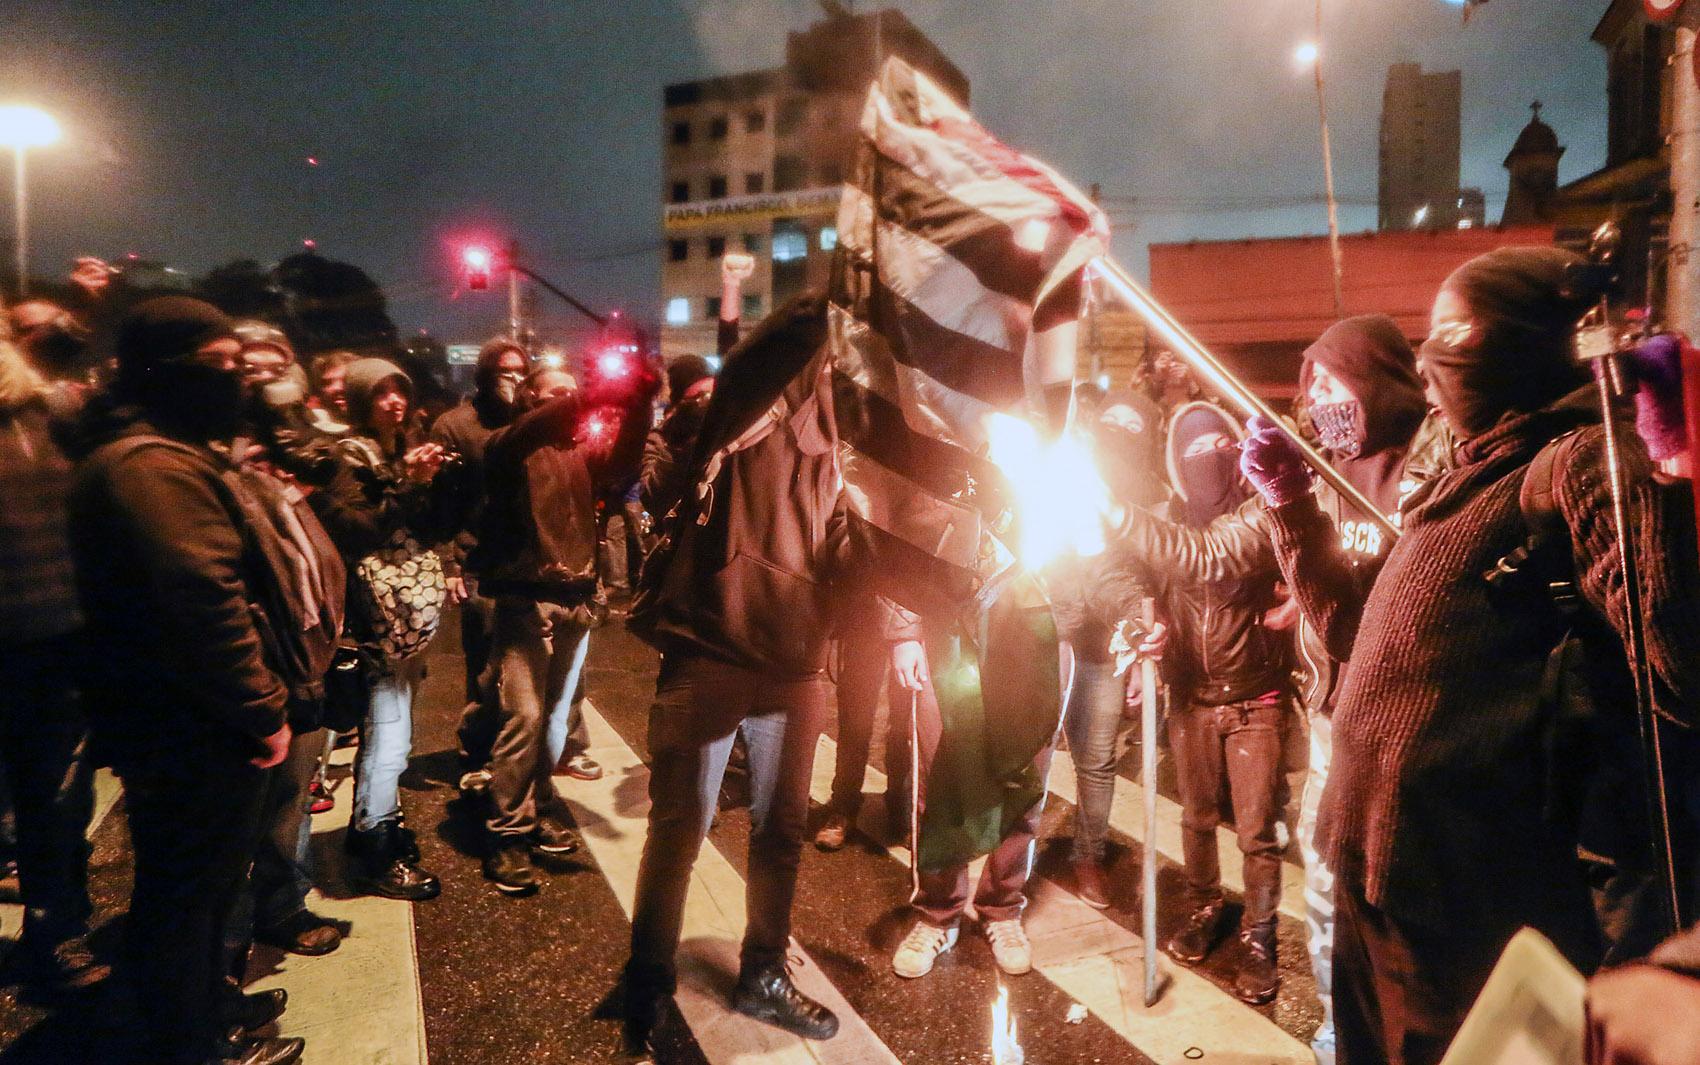 Encapuzados queimam bandeira do estado de São Paulo durante ato em SP